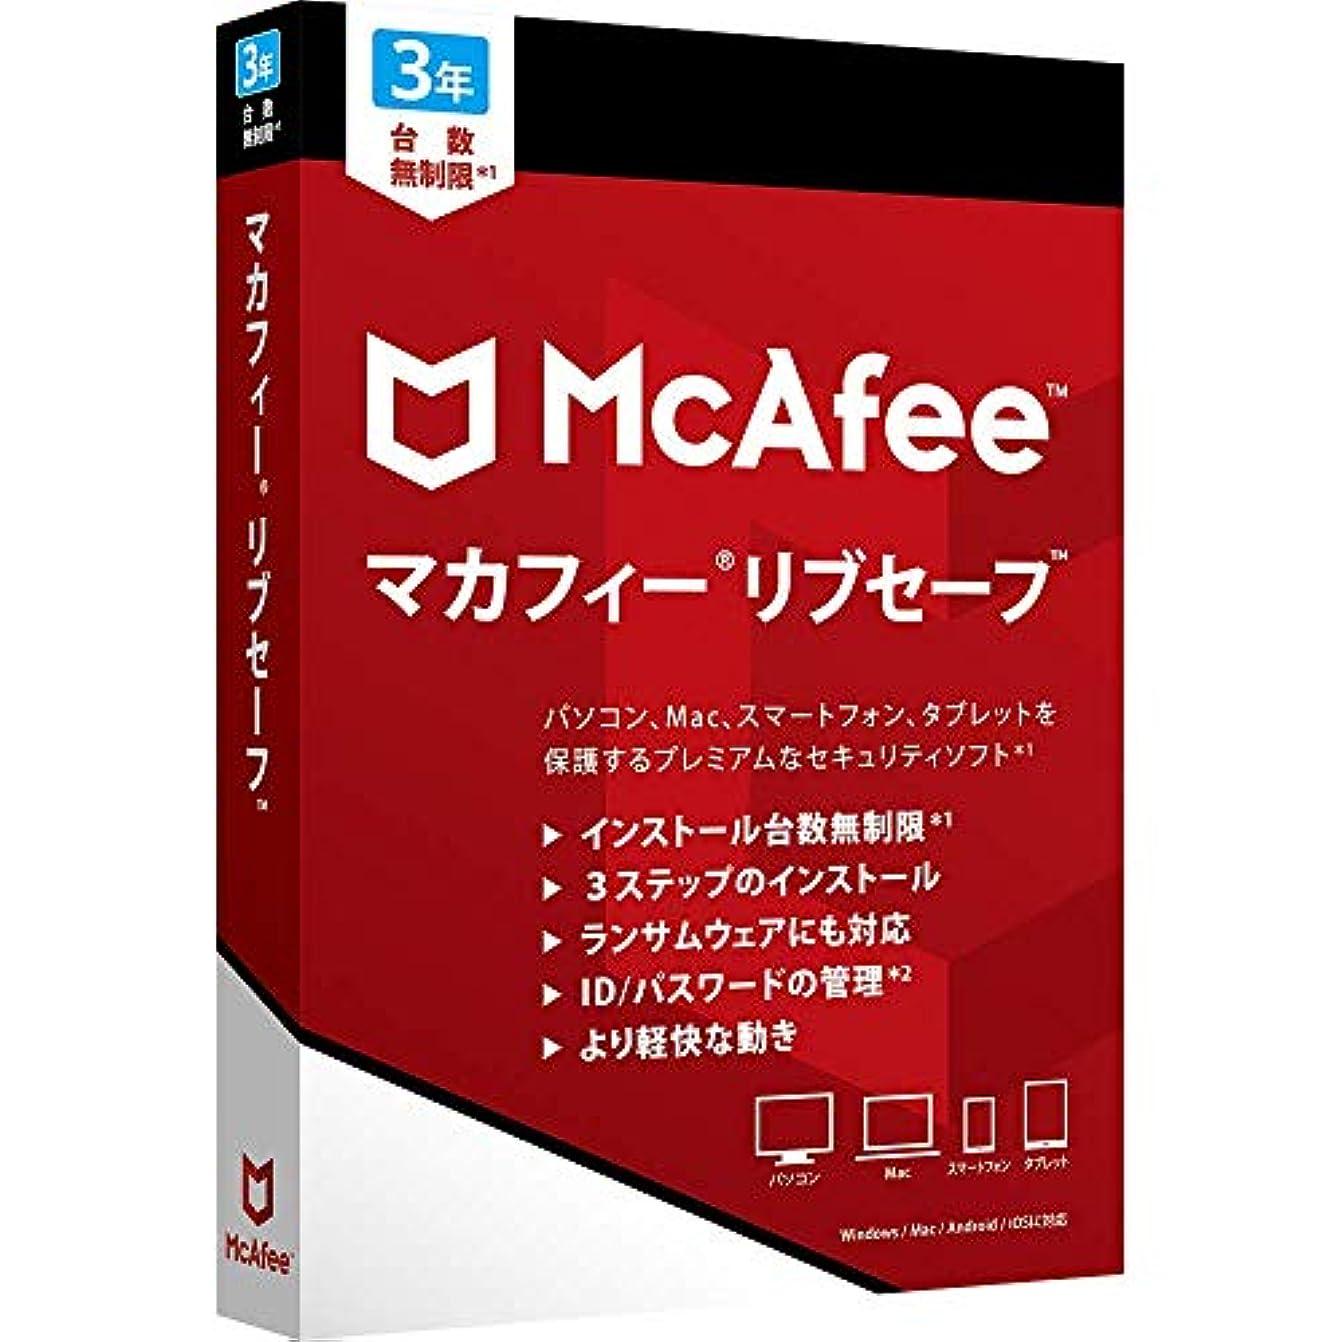 入り口主観的篭マカフィー リブセーフ 最新版 (台数無制限/3年用) ウィルス対策 セキュリティソフト 何台でもインストール可能 [パッケージ版] Win/Mac/iOS/Android対応